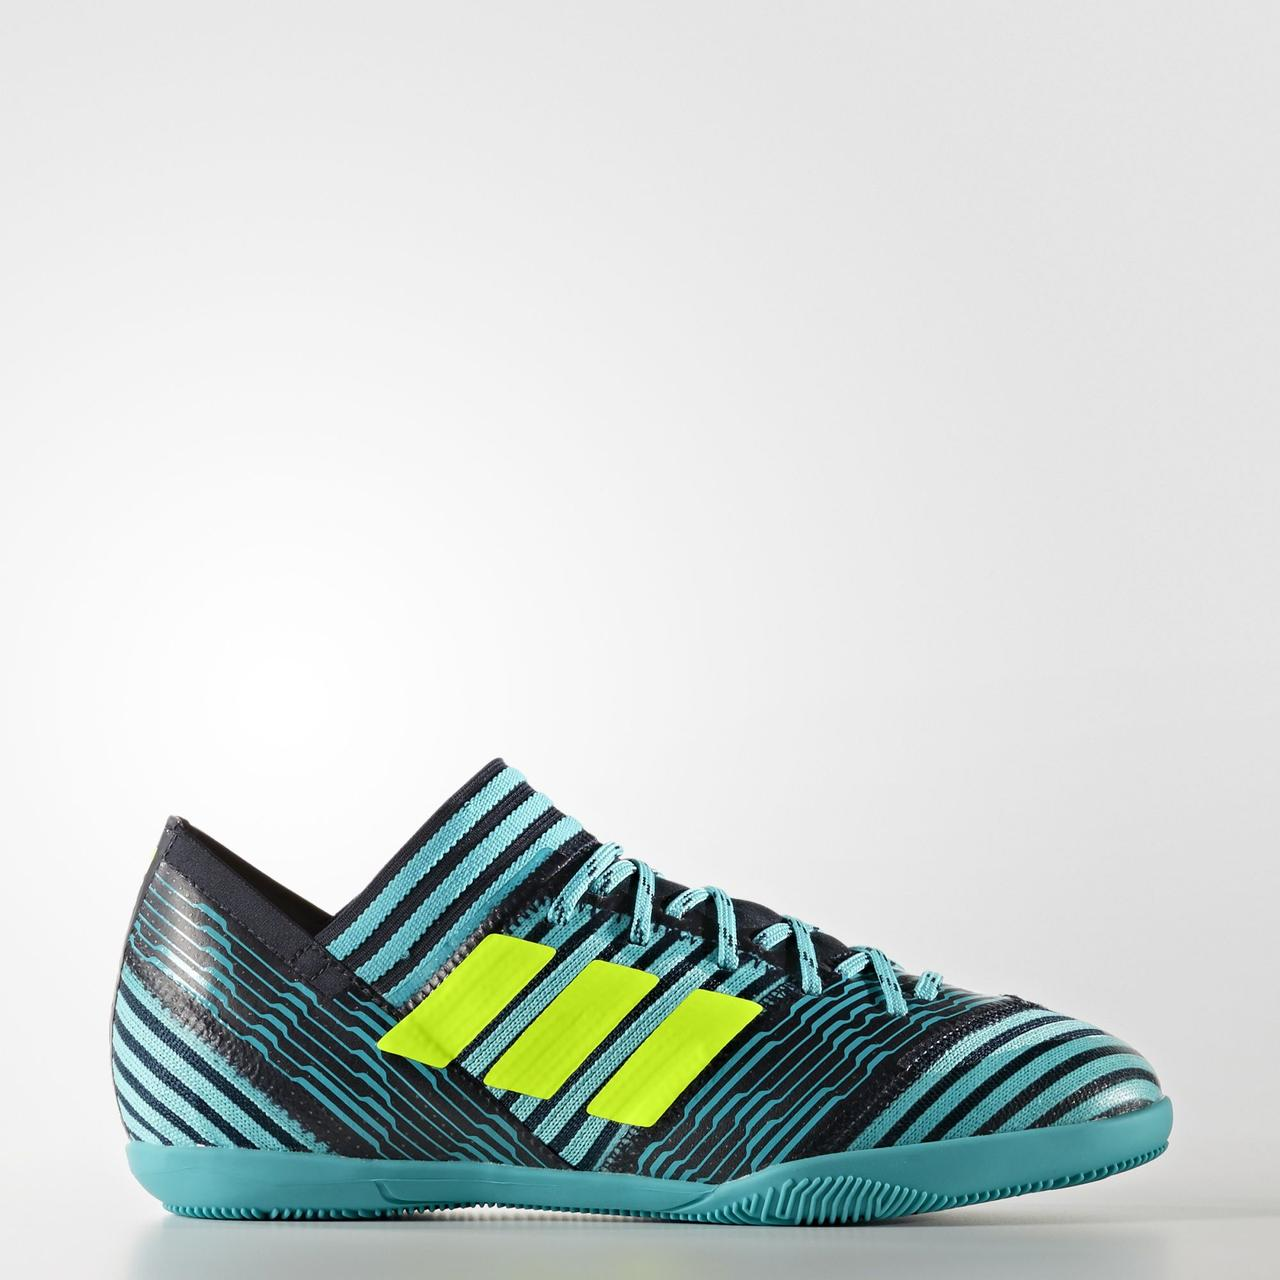 Детские футбольные бутсы Adidas Performance Nemeziz Tango 17.3 IN (Артикул: BY2476)